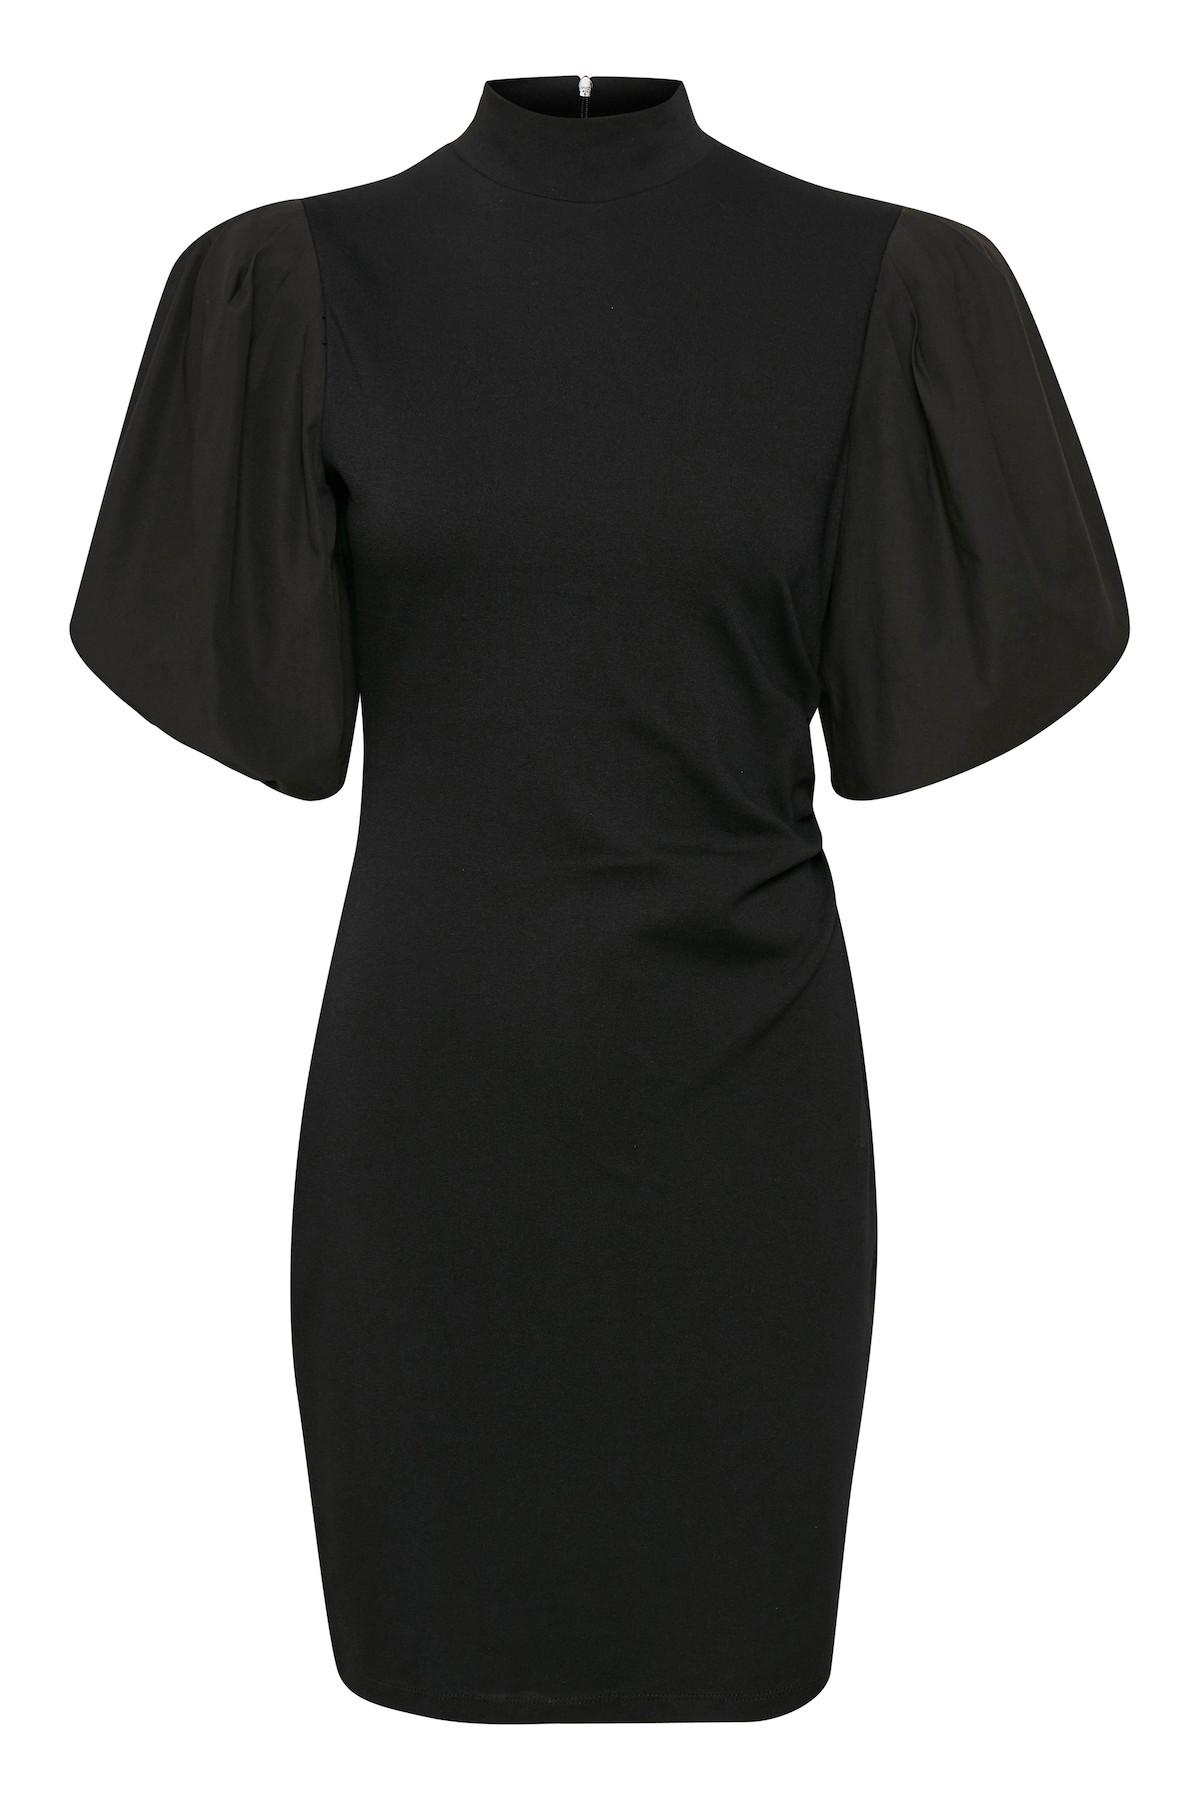 Billede af GESTUZ BIMAGZ TURTLENECK DRESS 10904830 100017 (Black, XL)